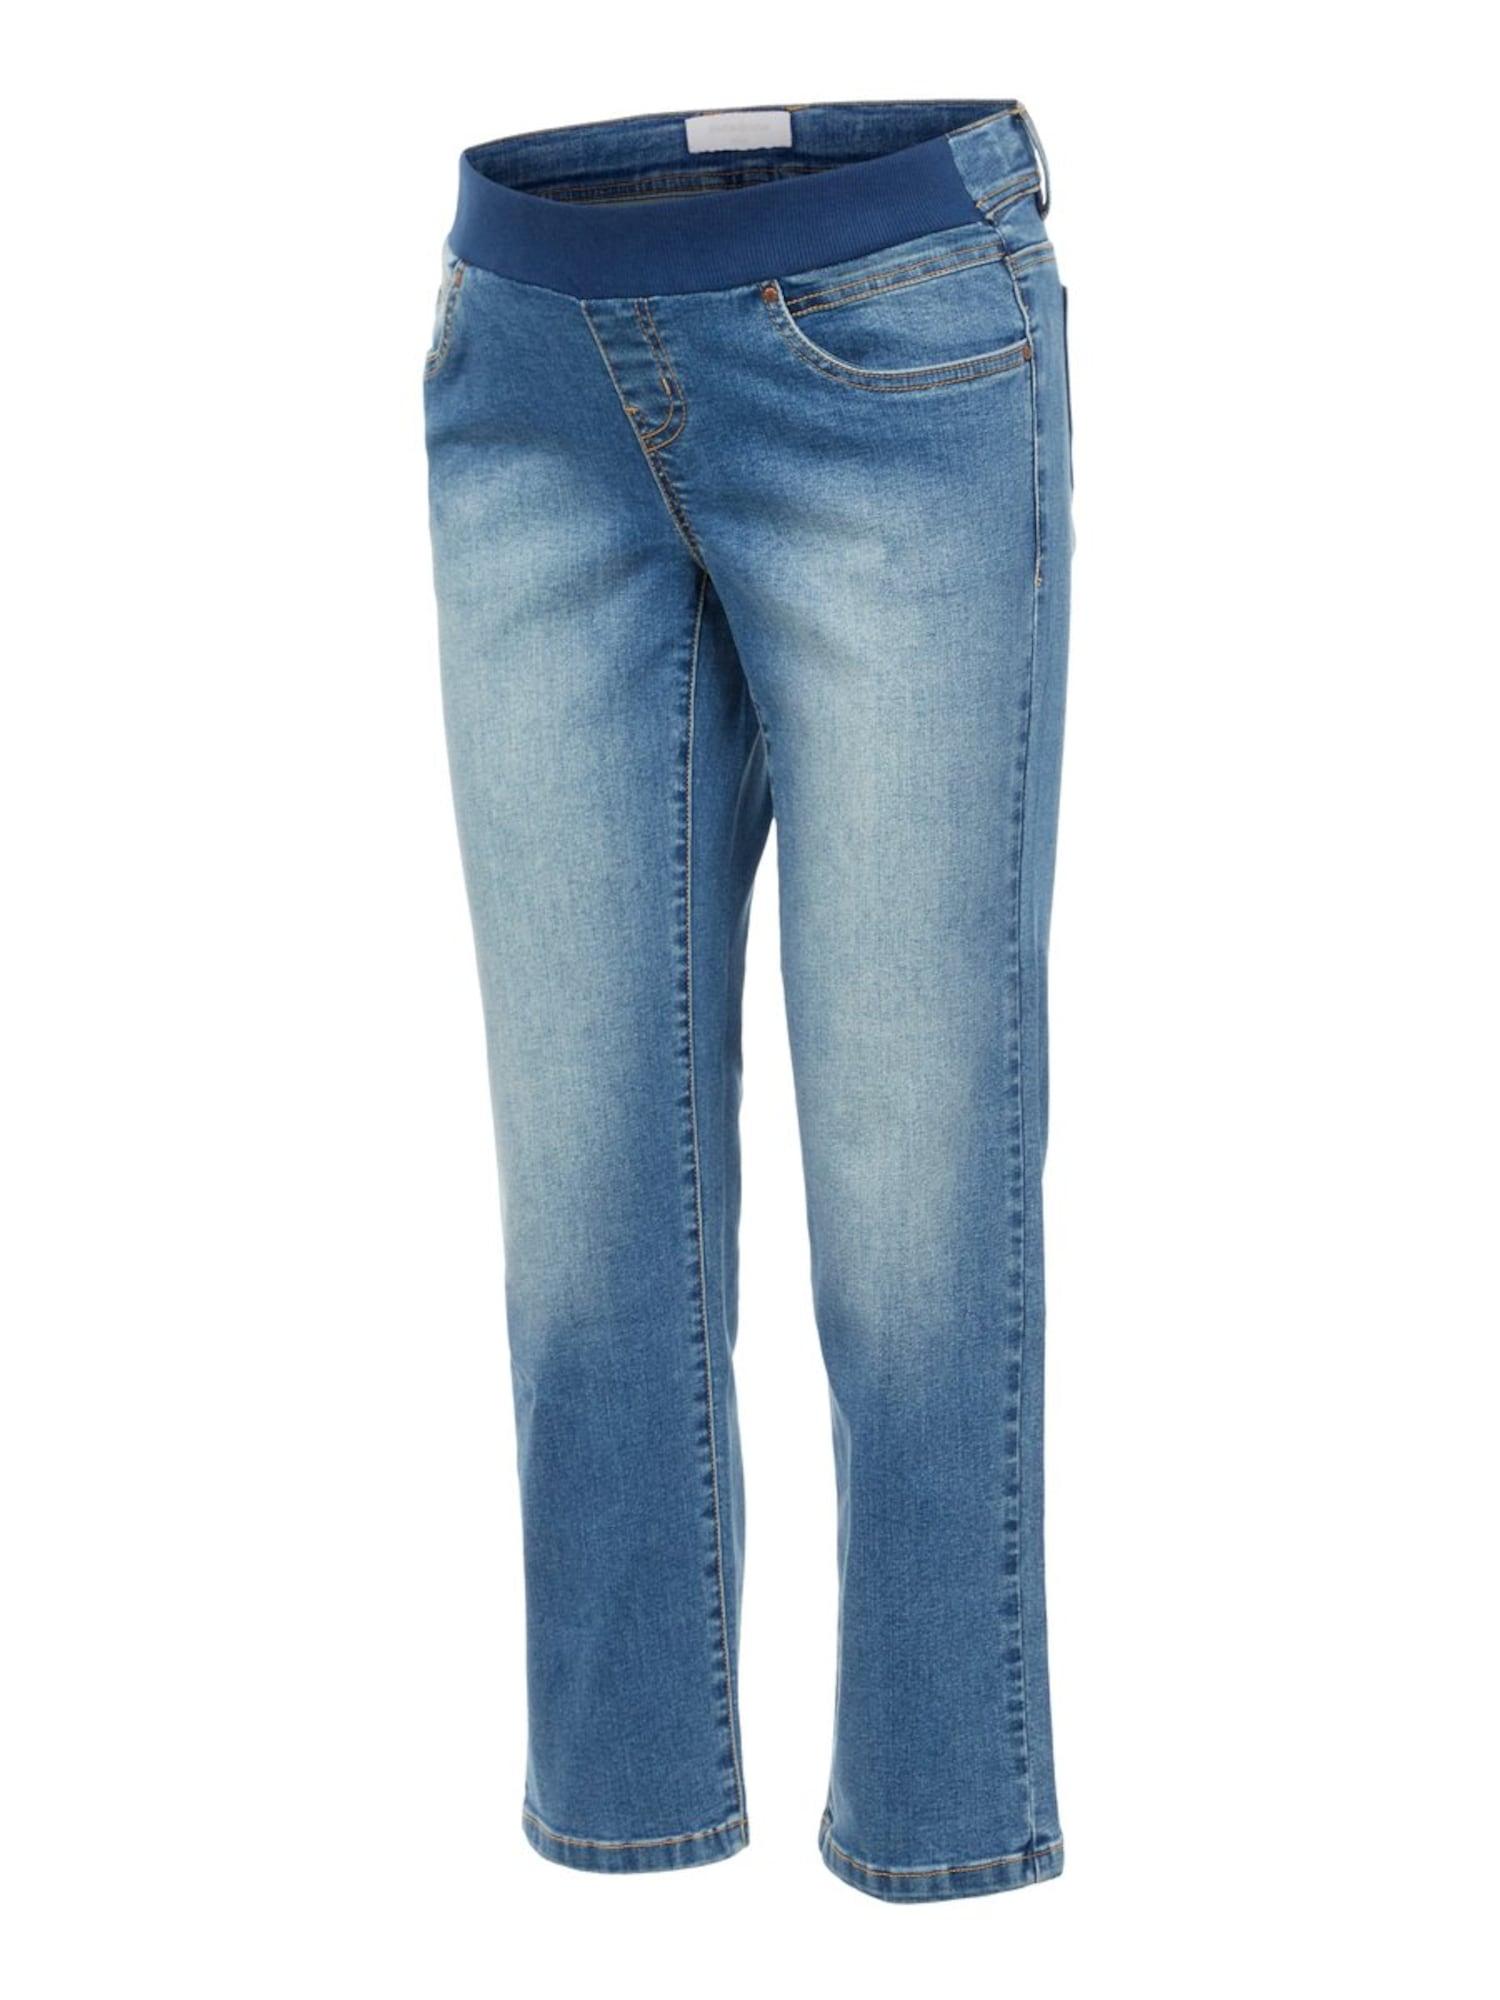 MAMALICIOUS Jean 'Marbella'  - Bleu - Taille: 26/32 - female